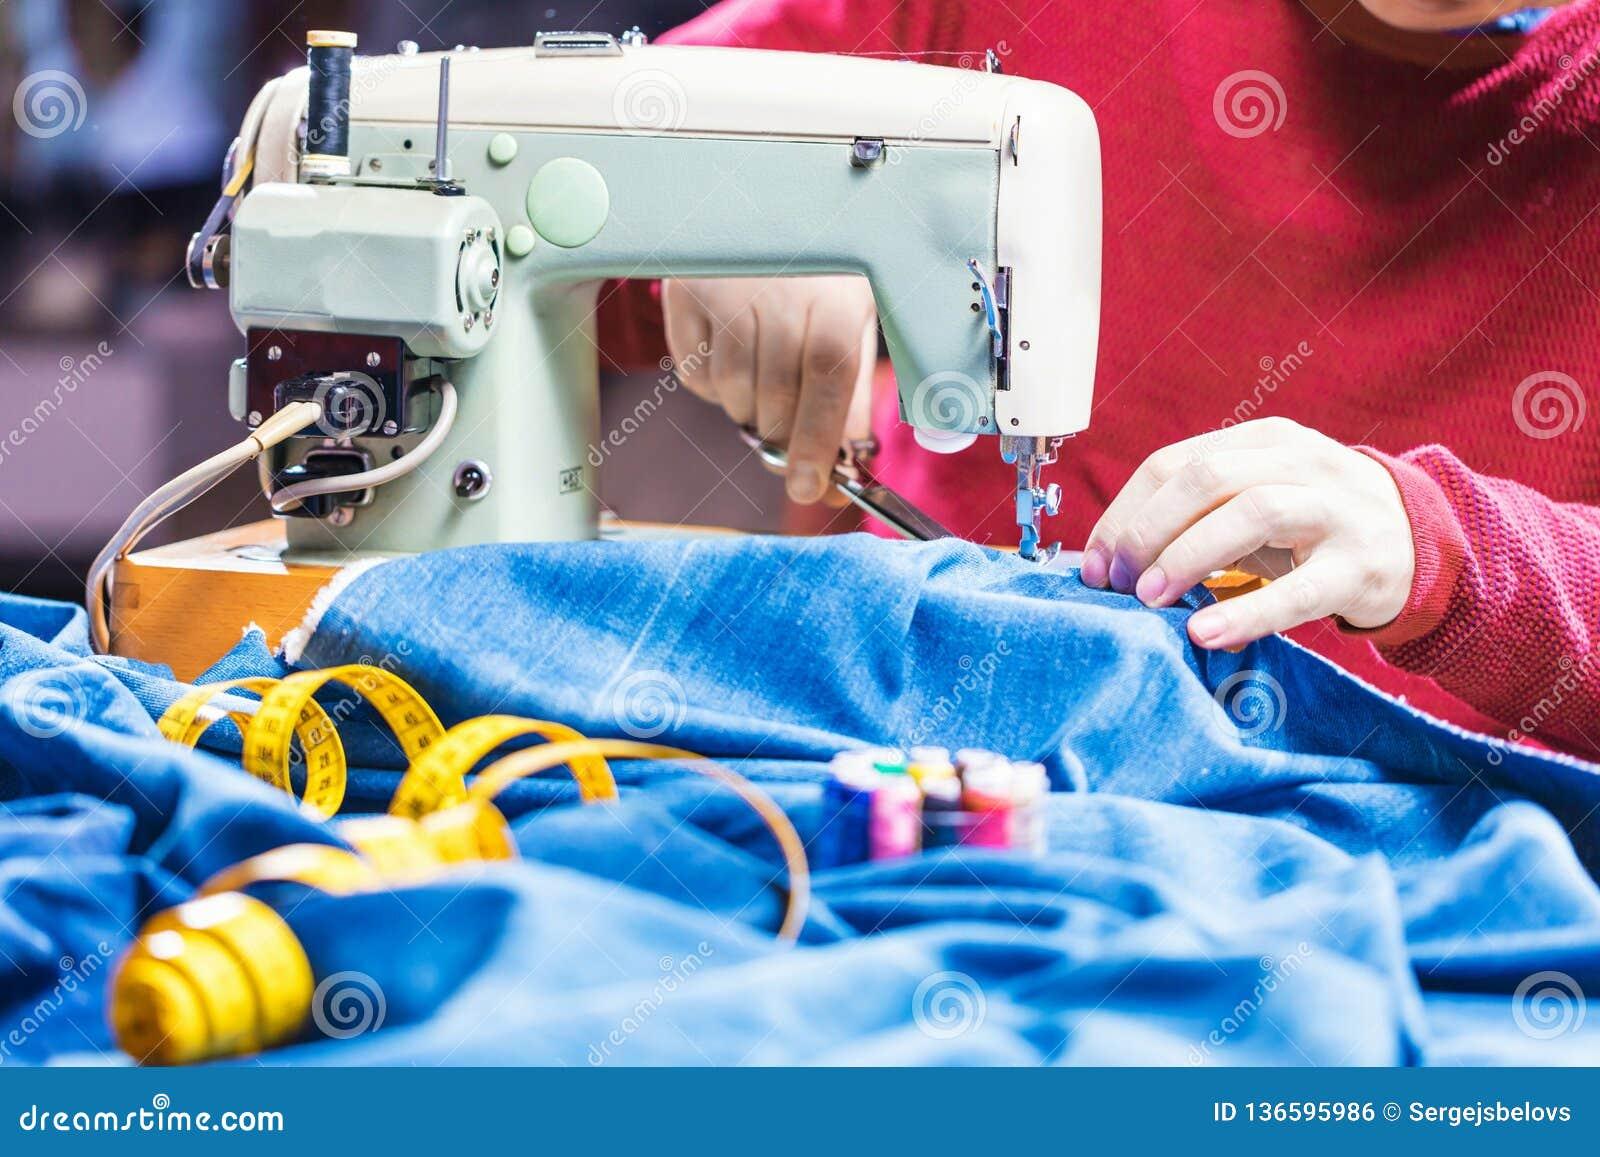 Sy grov bomullstvilljeans med symaskinen Reparationsjeans vid symaskinen Förändringsjeans som fållar ett par jeans som är handgjo